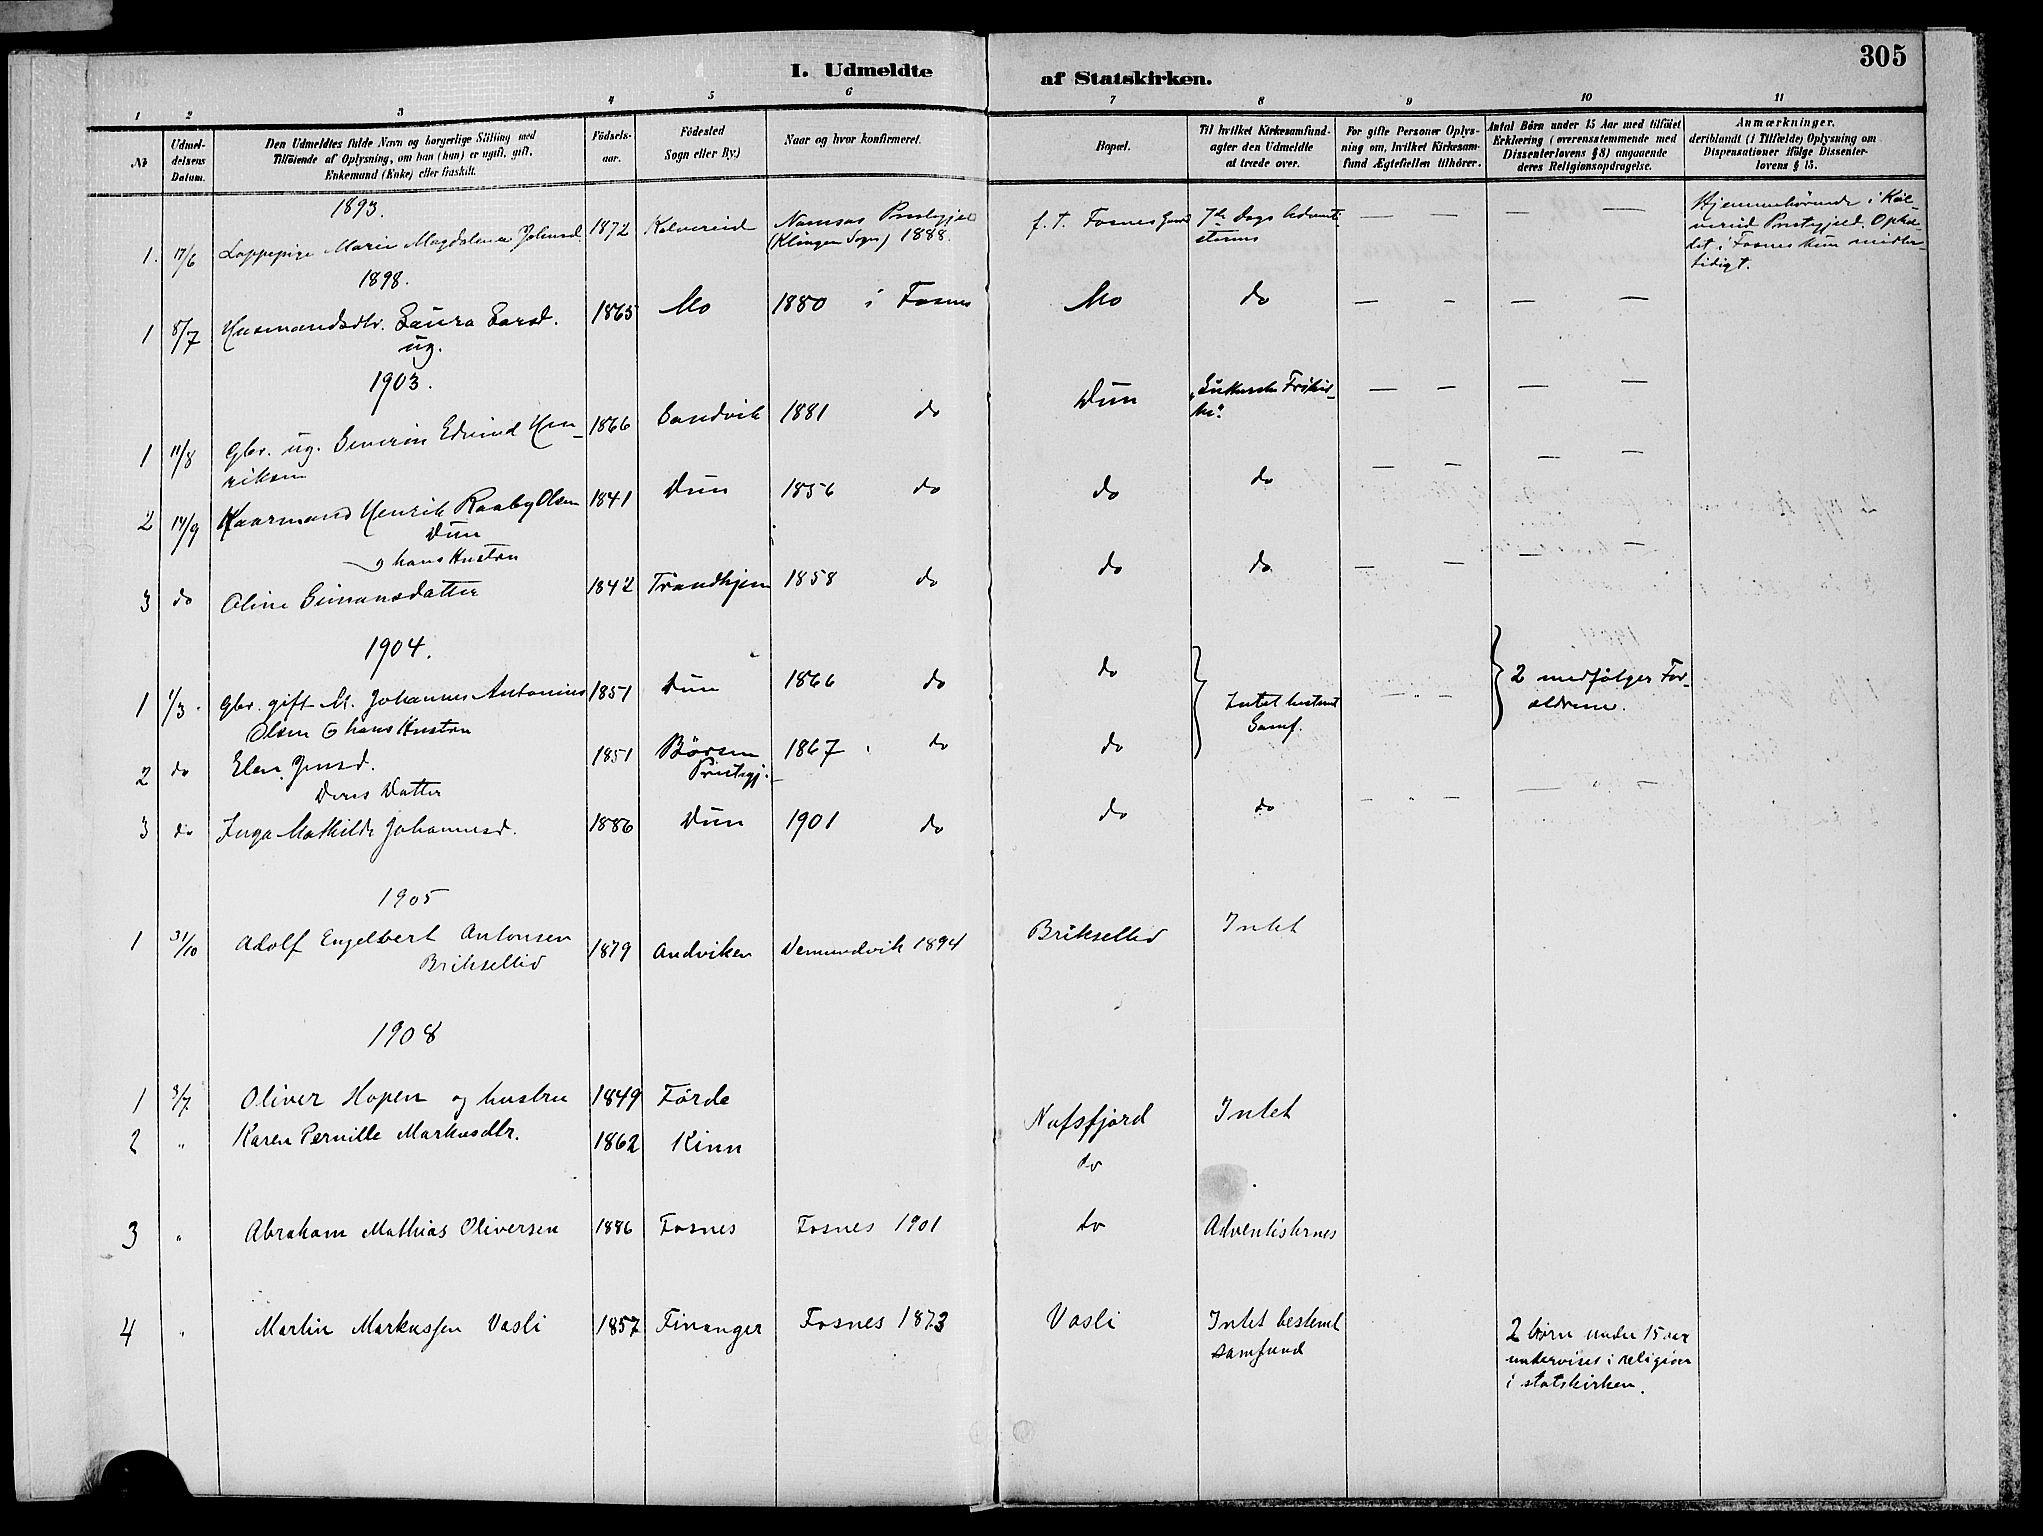 SAT, Ministerialprotokoller, klokkerbøker og fødselsregistre - Nord-Trøndelag, 773/L0617: Ministerialbok nr. 773A08, 1887-1910, s. 305